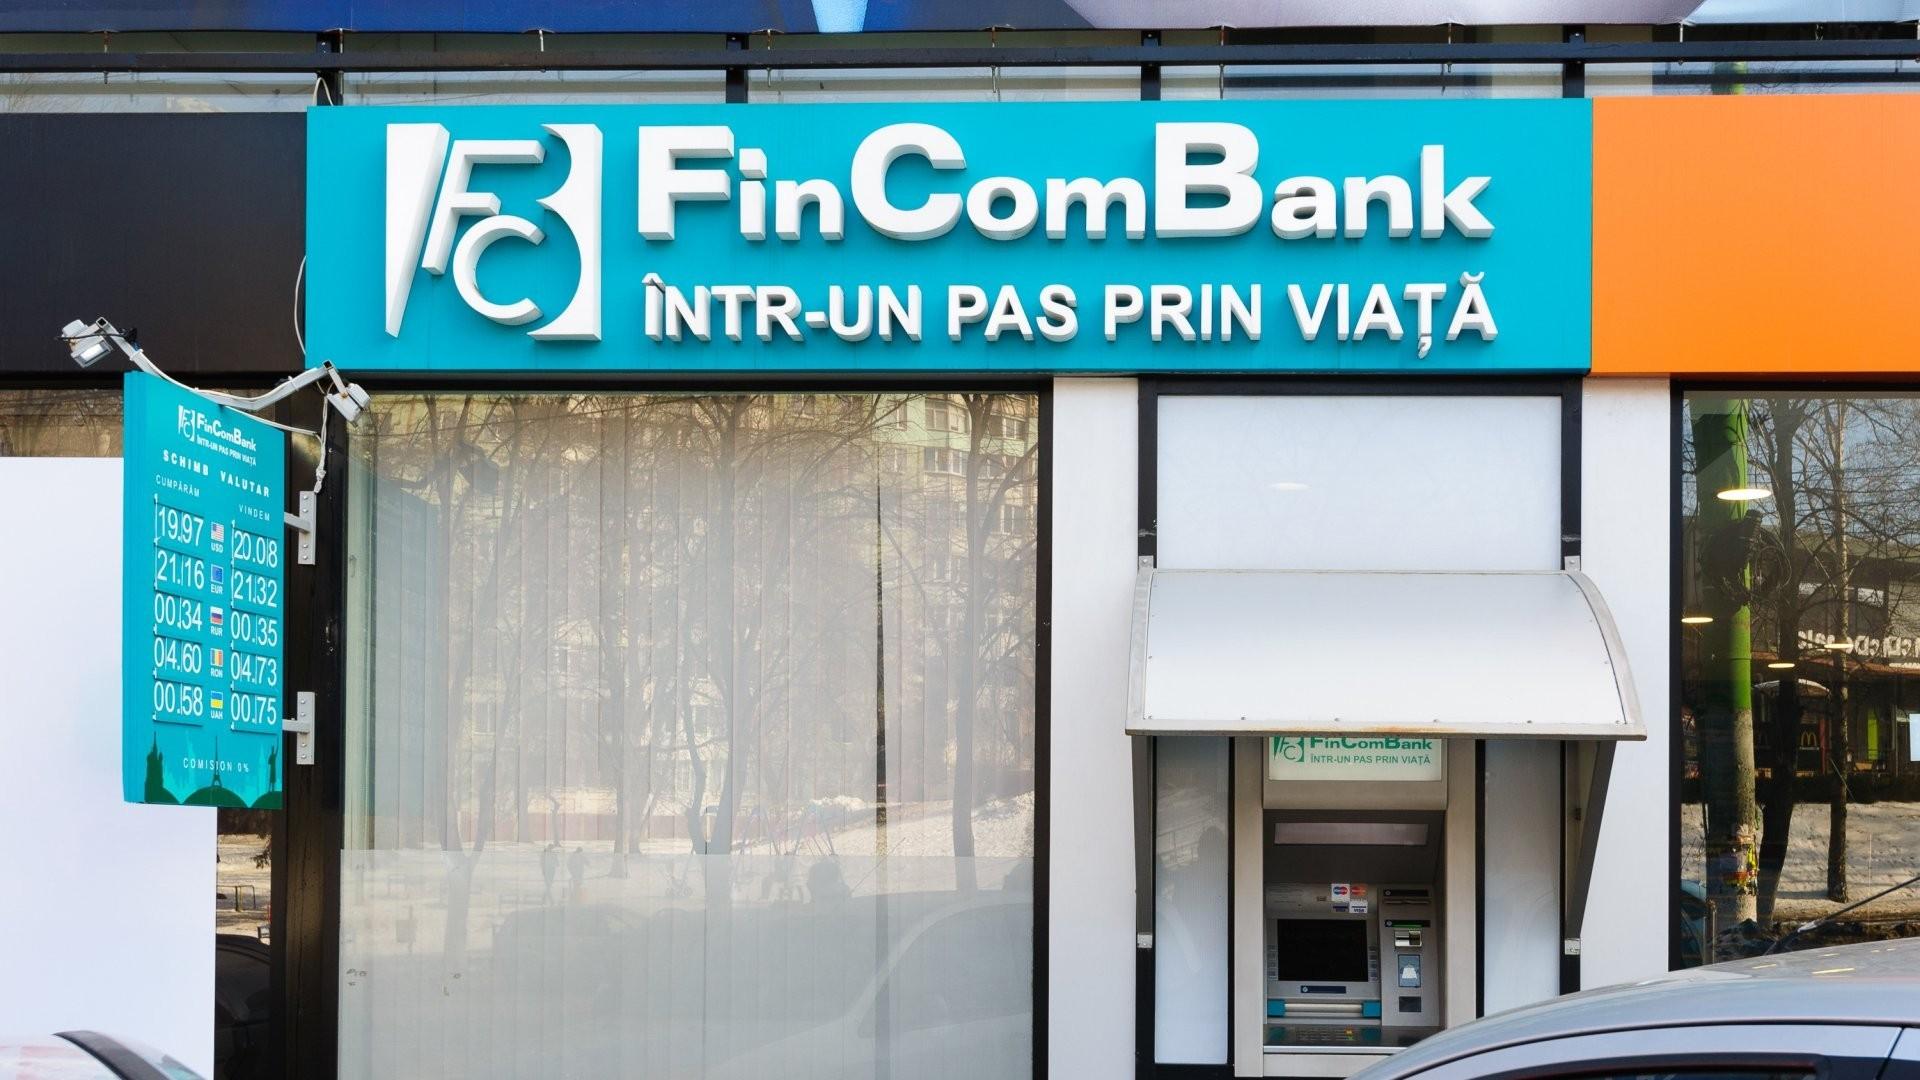 Peste 800 de mii de lei pentru acțiunile FinComBank